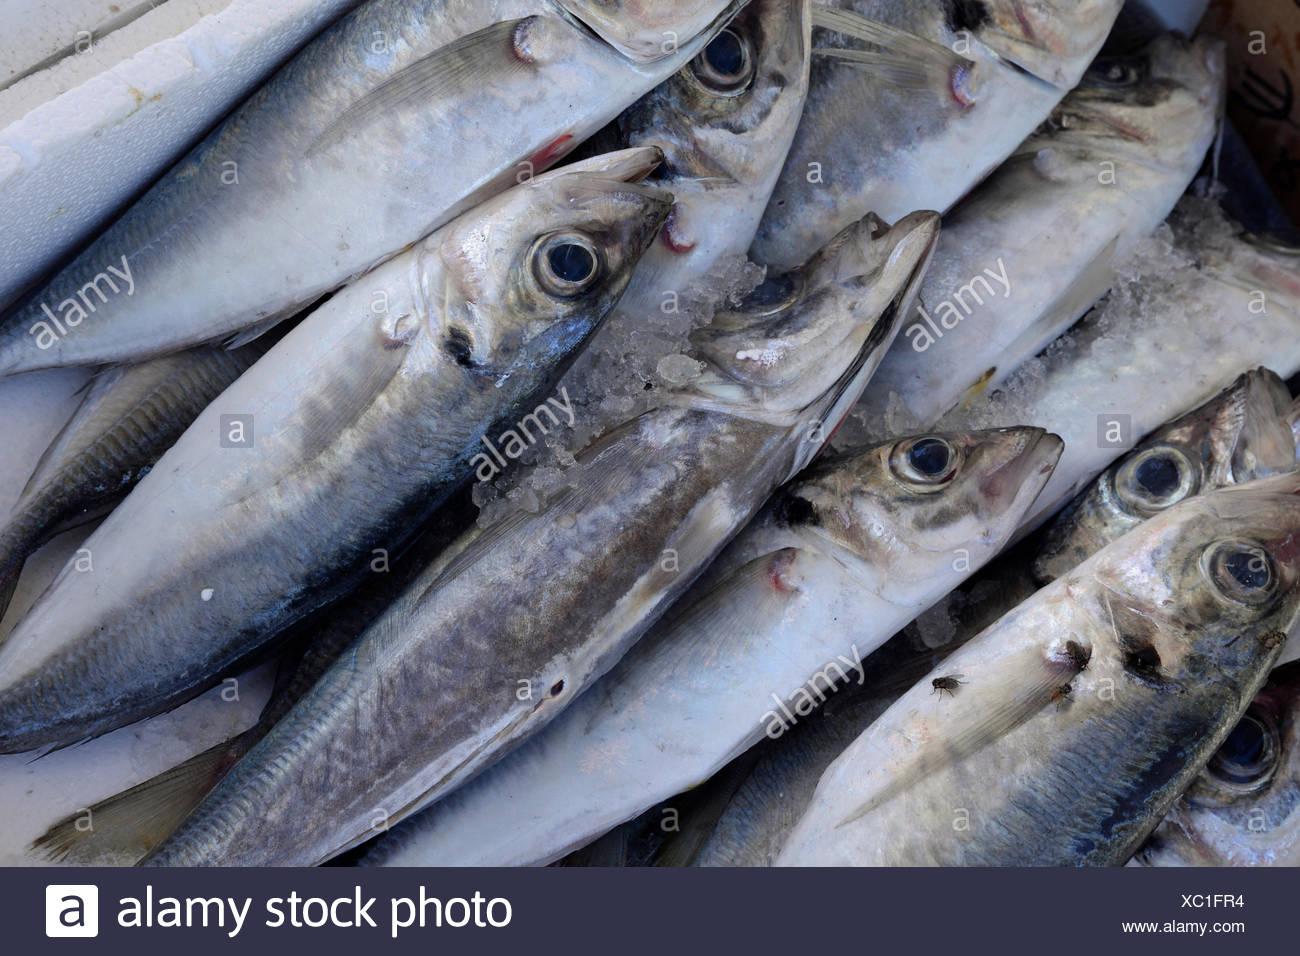 Fisch, Fische, Markt, Fischmarkt, Nahrung, Essen, Lebensmittel, Küche,